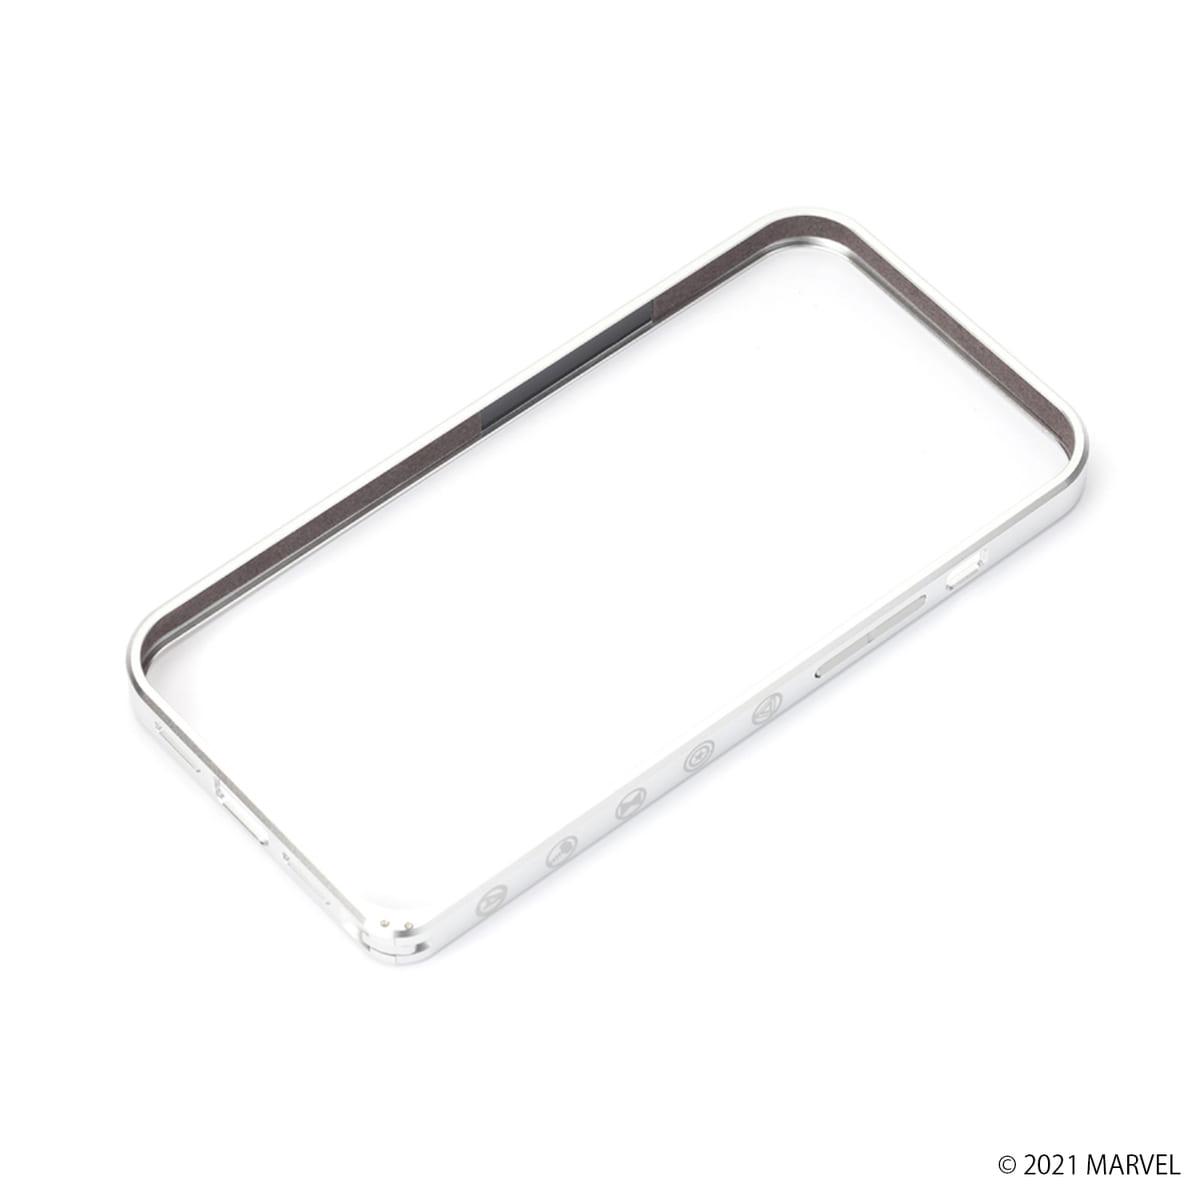 iPhone 13用 アルミバンパー [アベンジャーズ] 商品画像